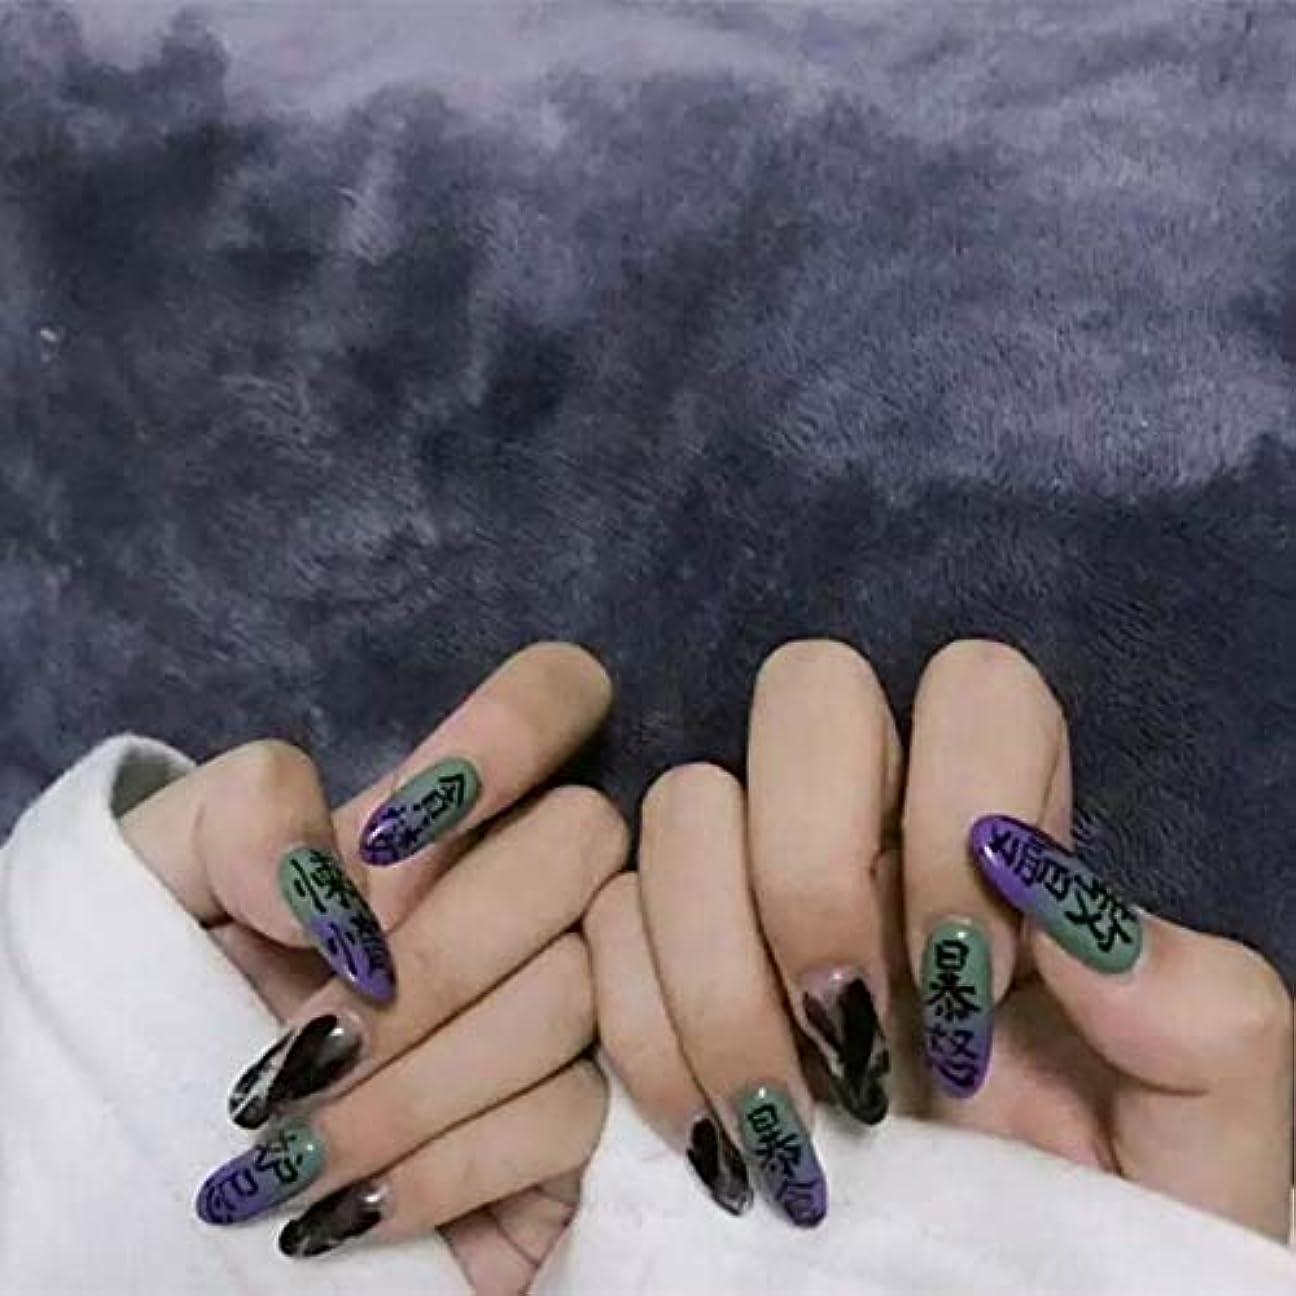 陰気置換スープXUTXZKA 印刷された単語の女性の完全な釘の先端が付いている緑の紫色の純粋な色の偽の釘が付いている偽の釘